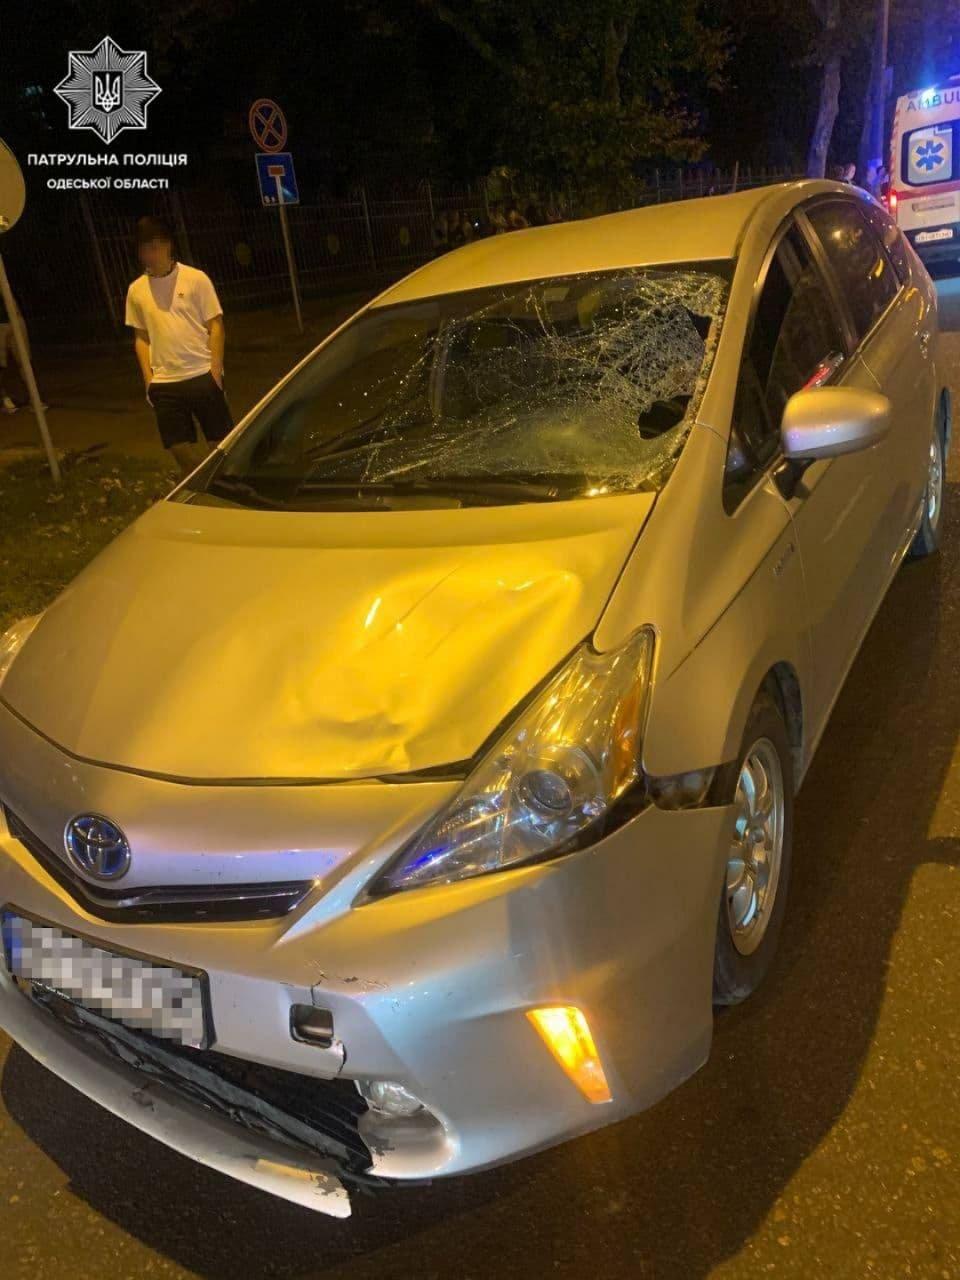 На проспекте Шевченко в Одессе автомобиль сбил подростка, - ФОТО, фото-1